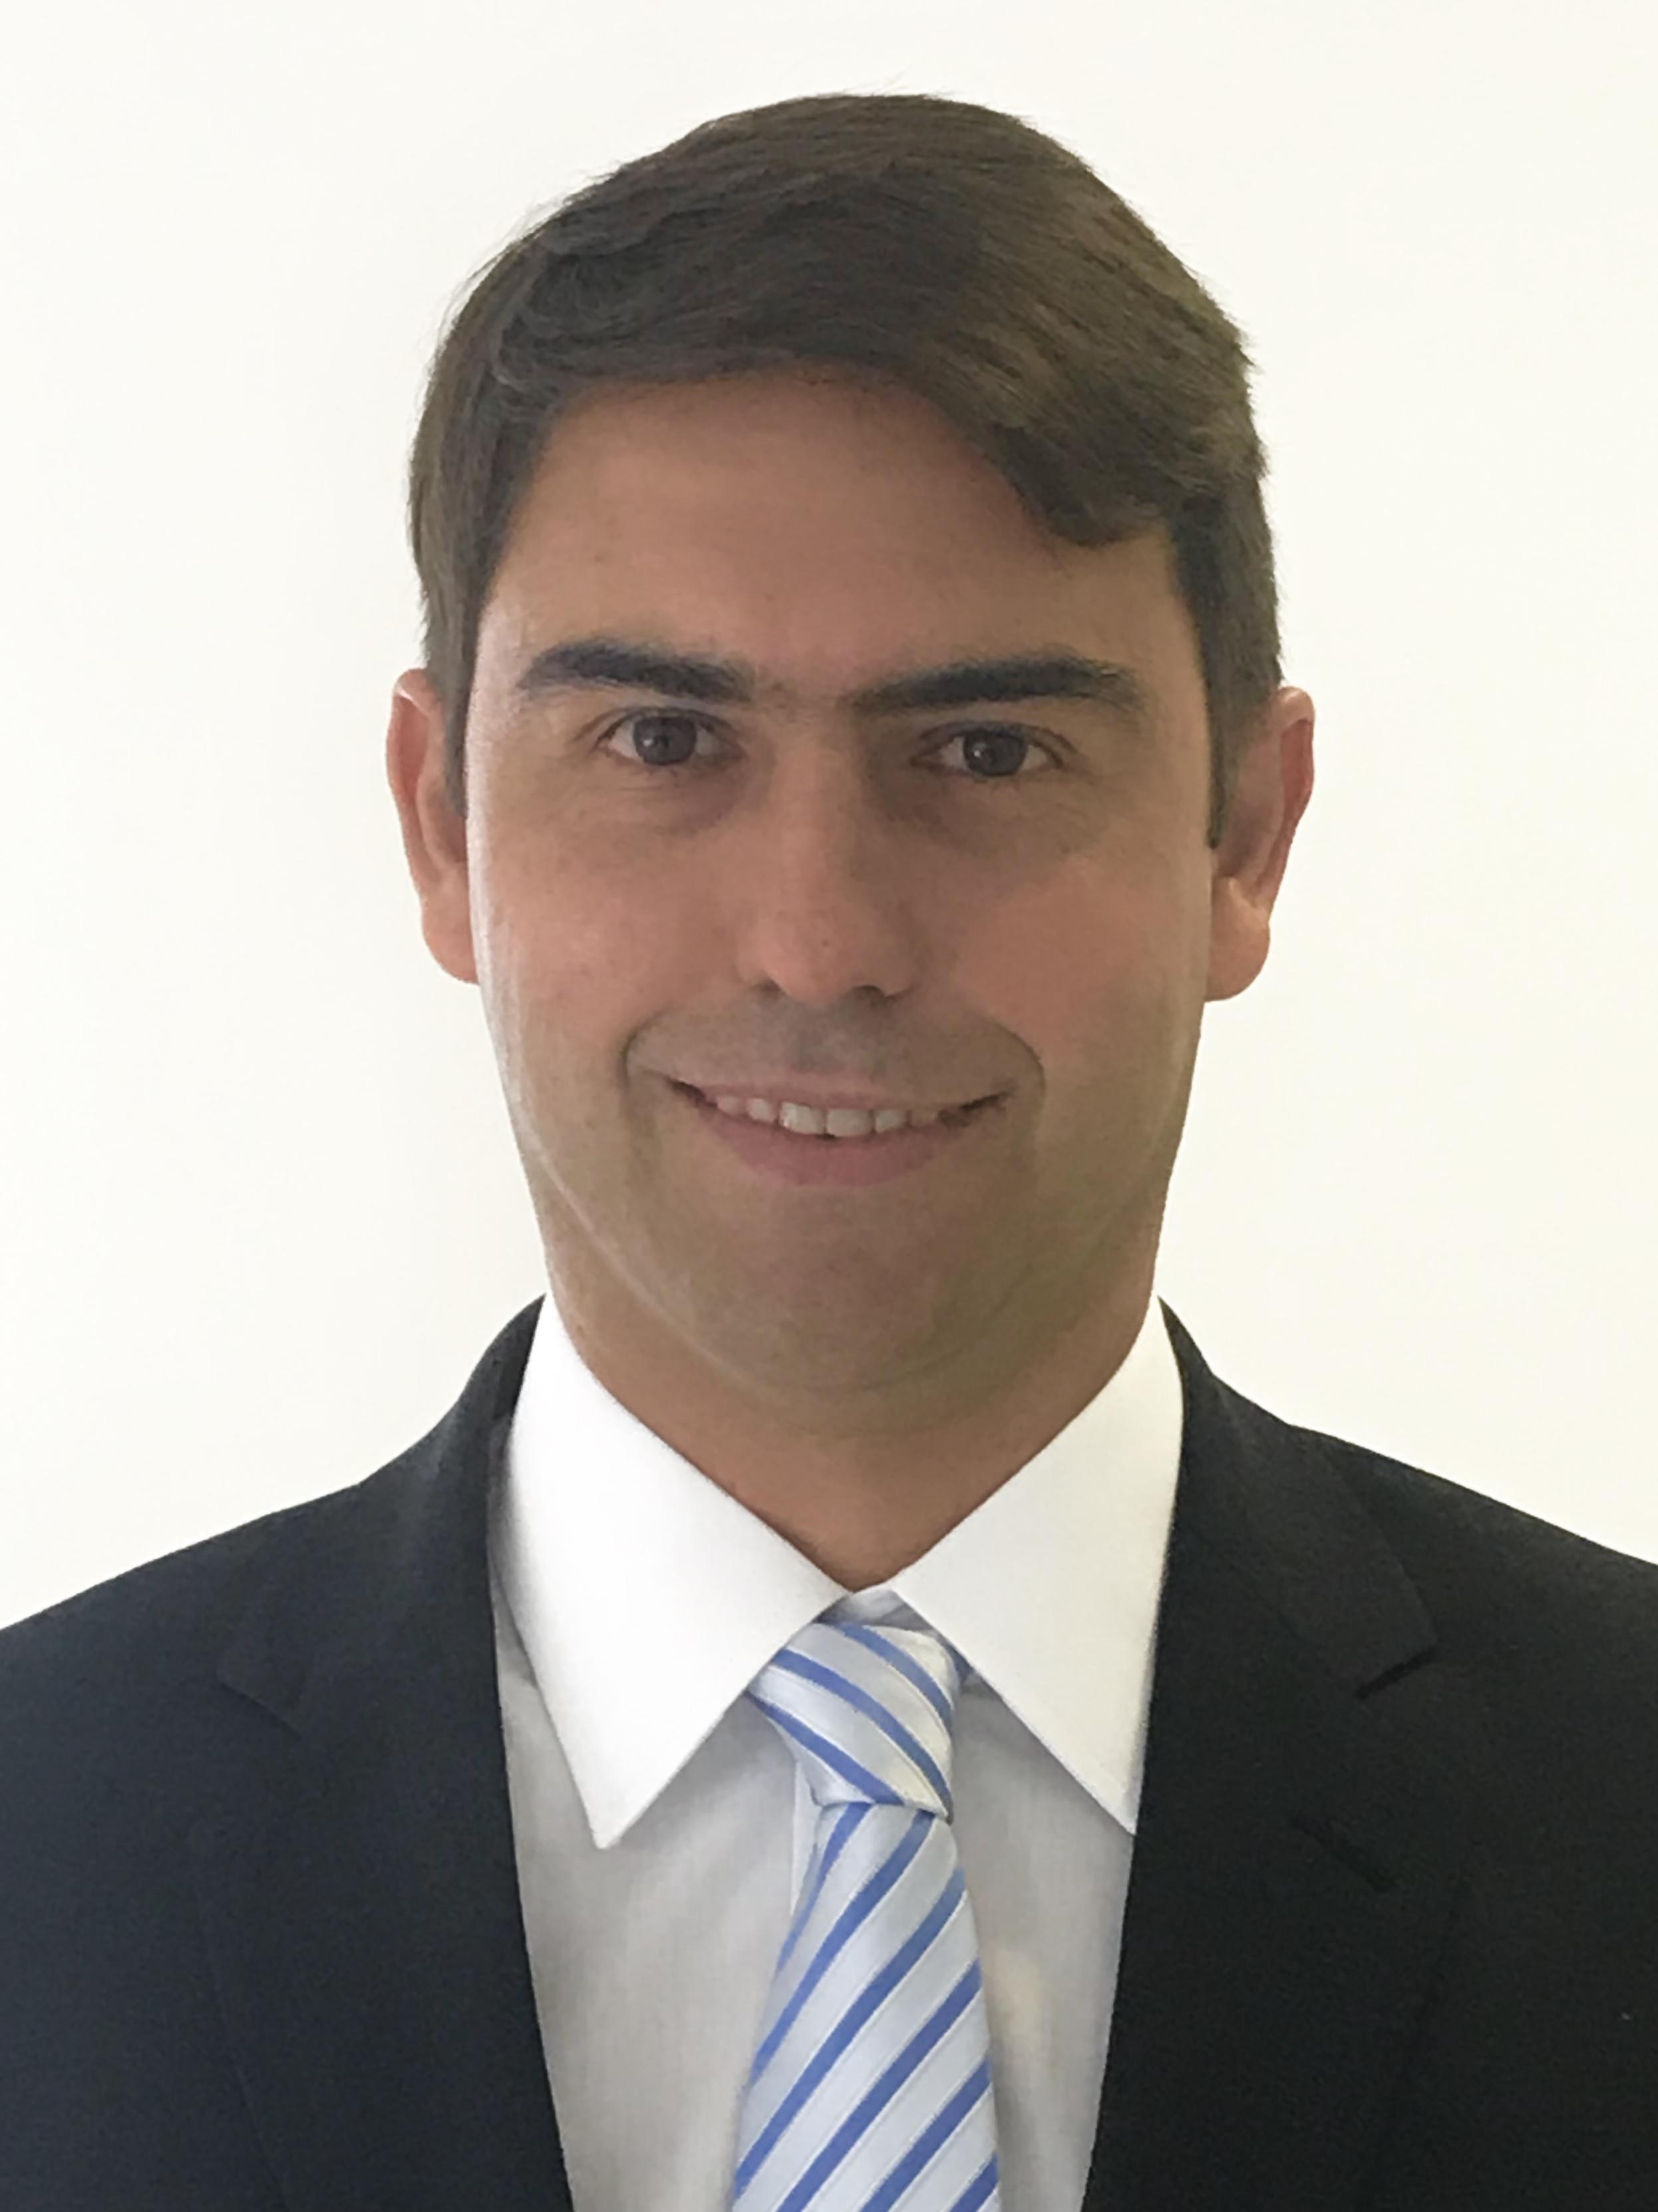 Tiago Bisol